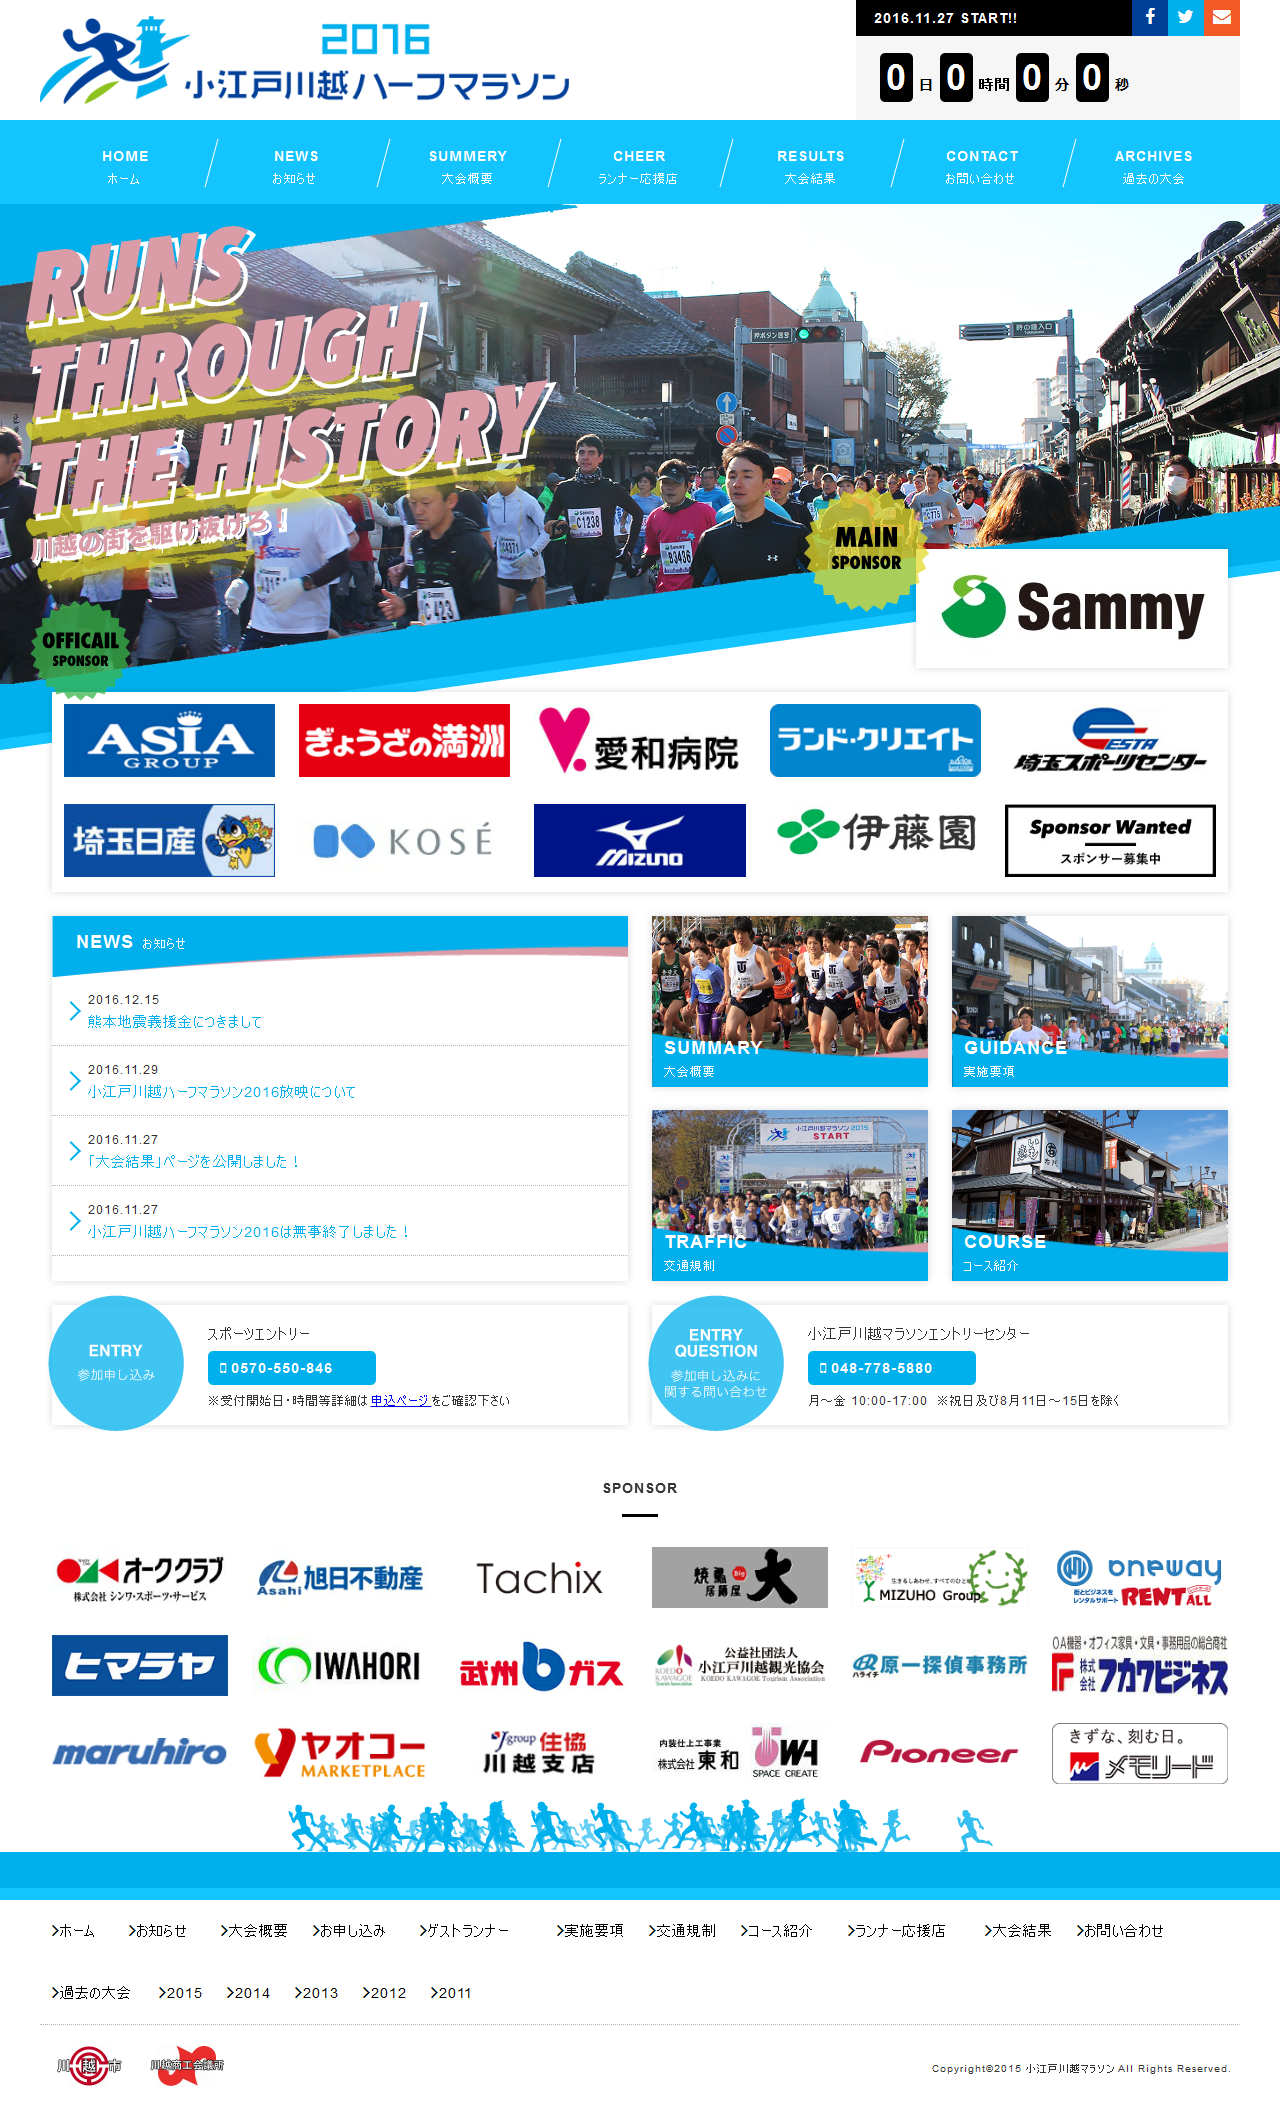 小江戸川越ハーフマラソン様公式ホームページ_PC表示